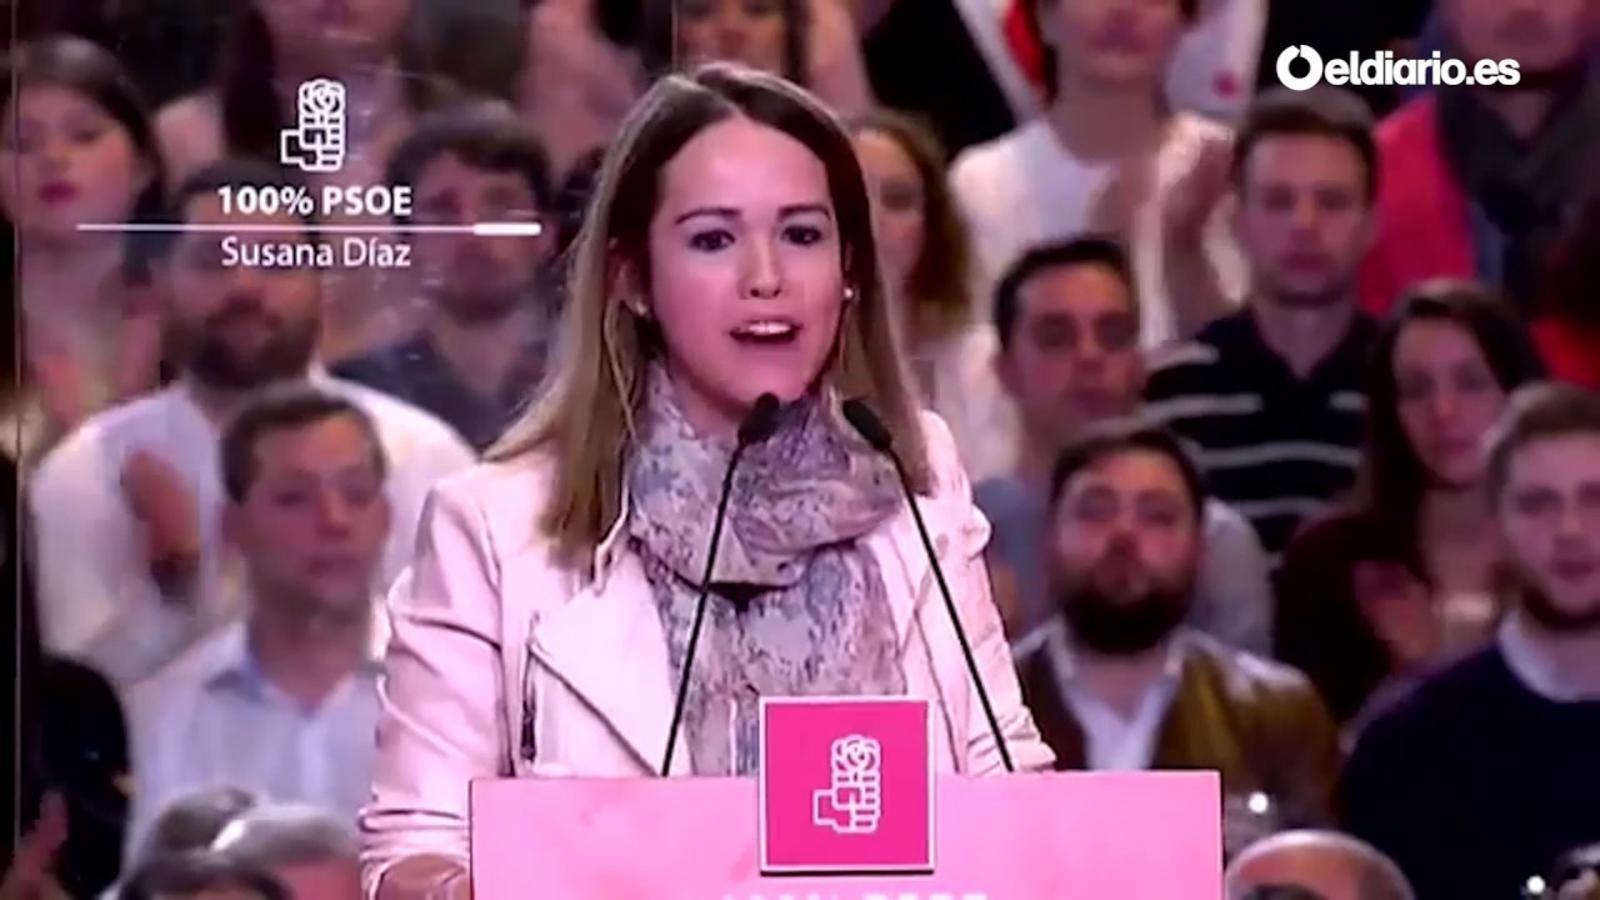 Intervenció d'Estela Goikoetxea a l'acte de presentació de la candidatura de Susana Síaz per liderar el PSOE